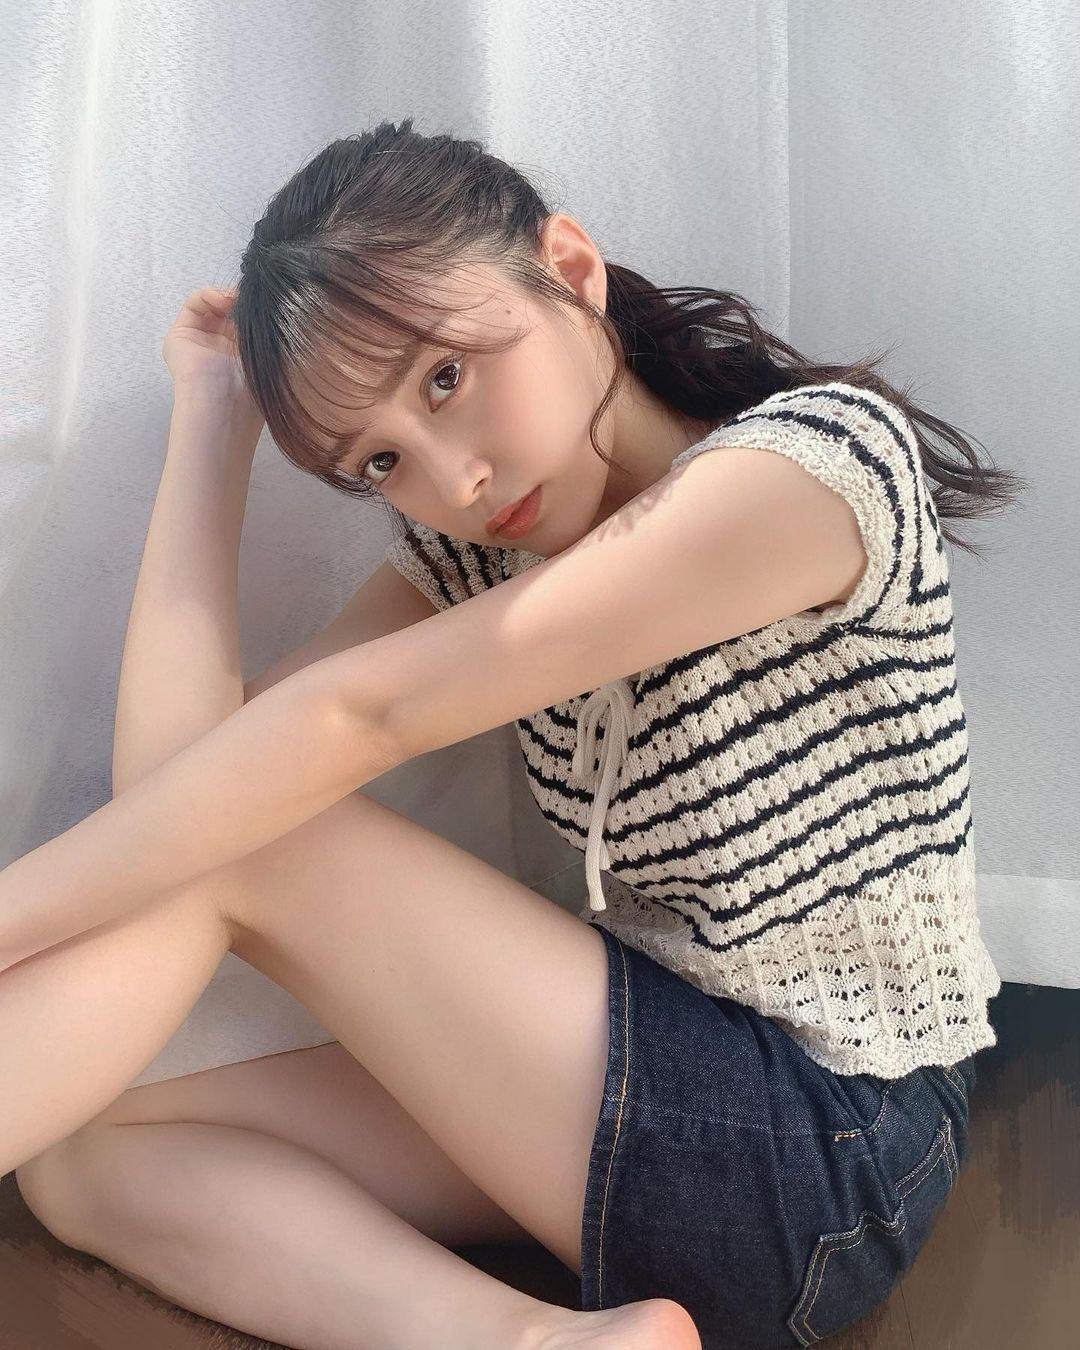 18 岁的青春魅力.清新美女「小山璃奈」高中一毕业就解放长腿 养眼图片 第8张